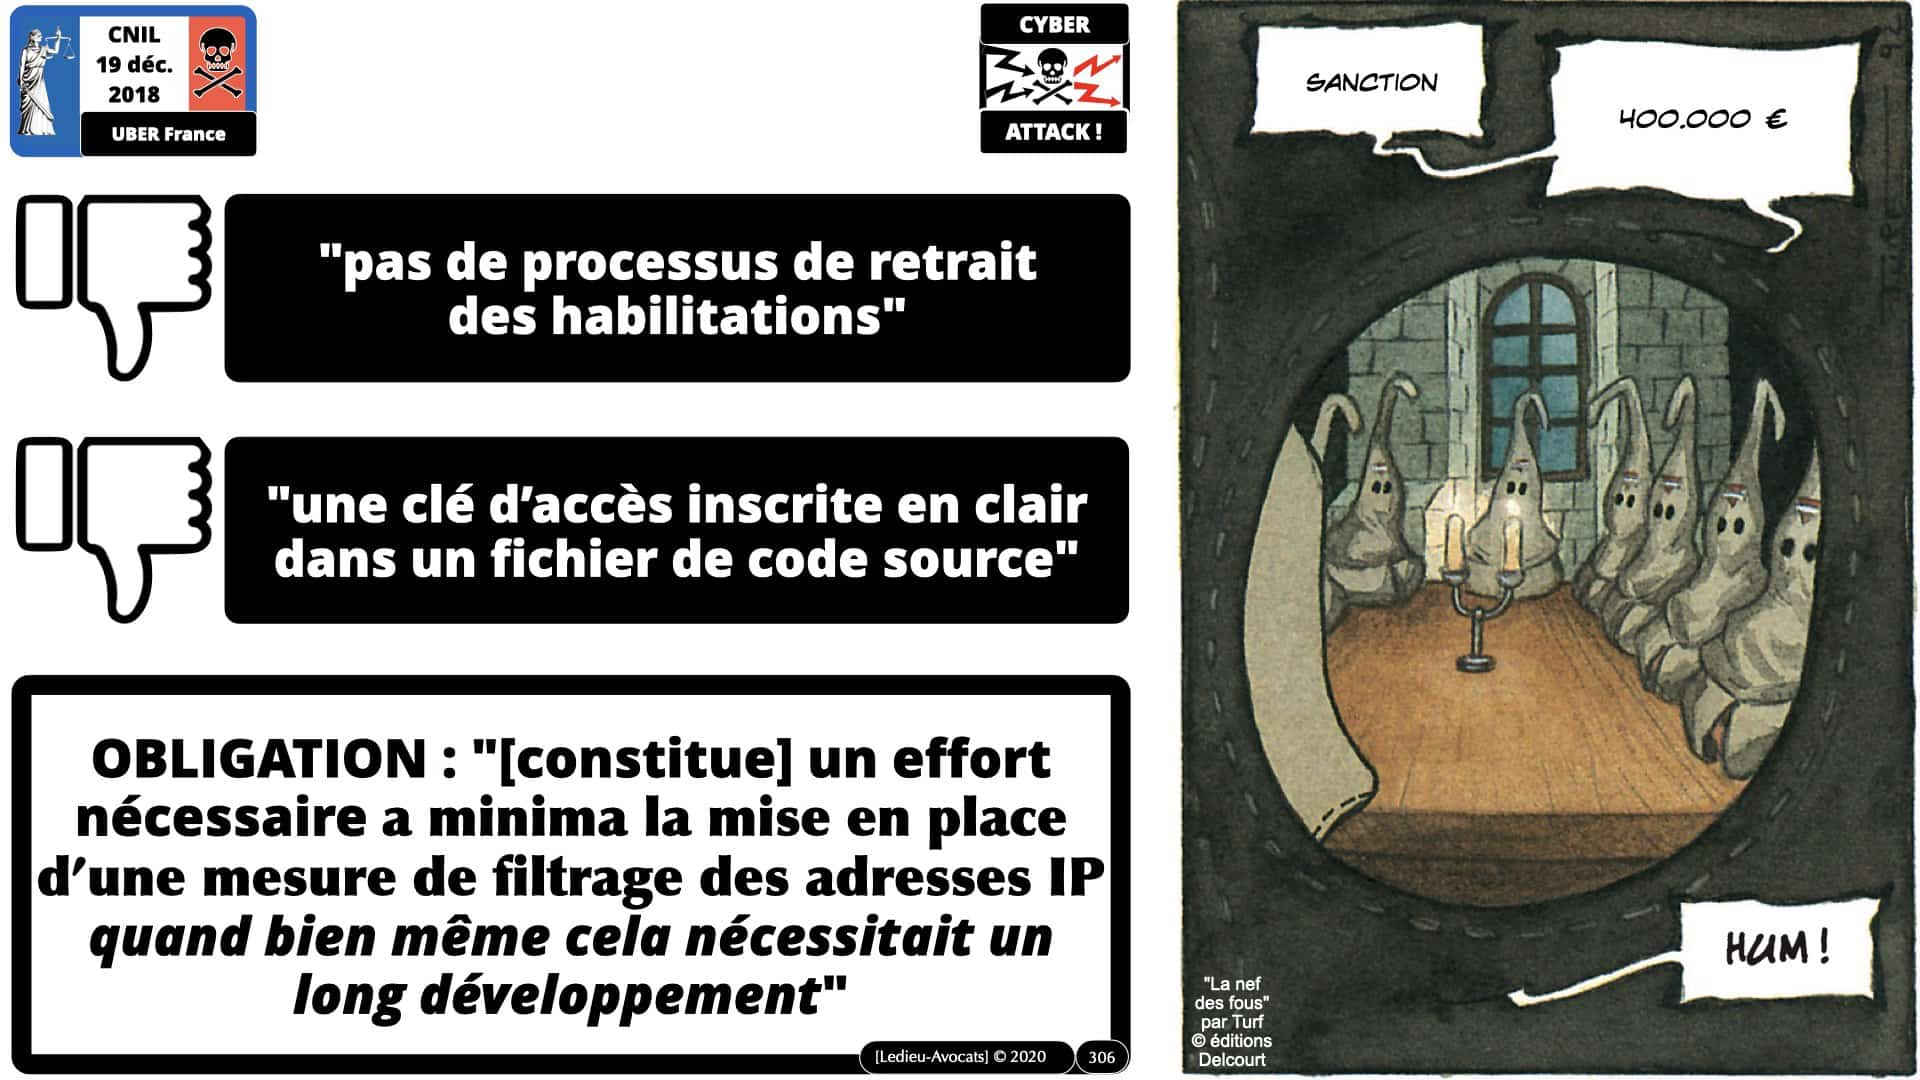 RGPD e-Privacy données personnelles jurisprudence formation Lamy Les Echos 10-02-2021 ©Ledieu-Avocats.306